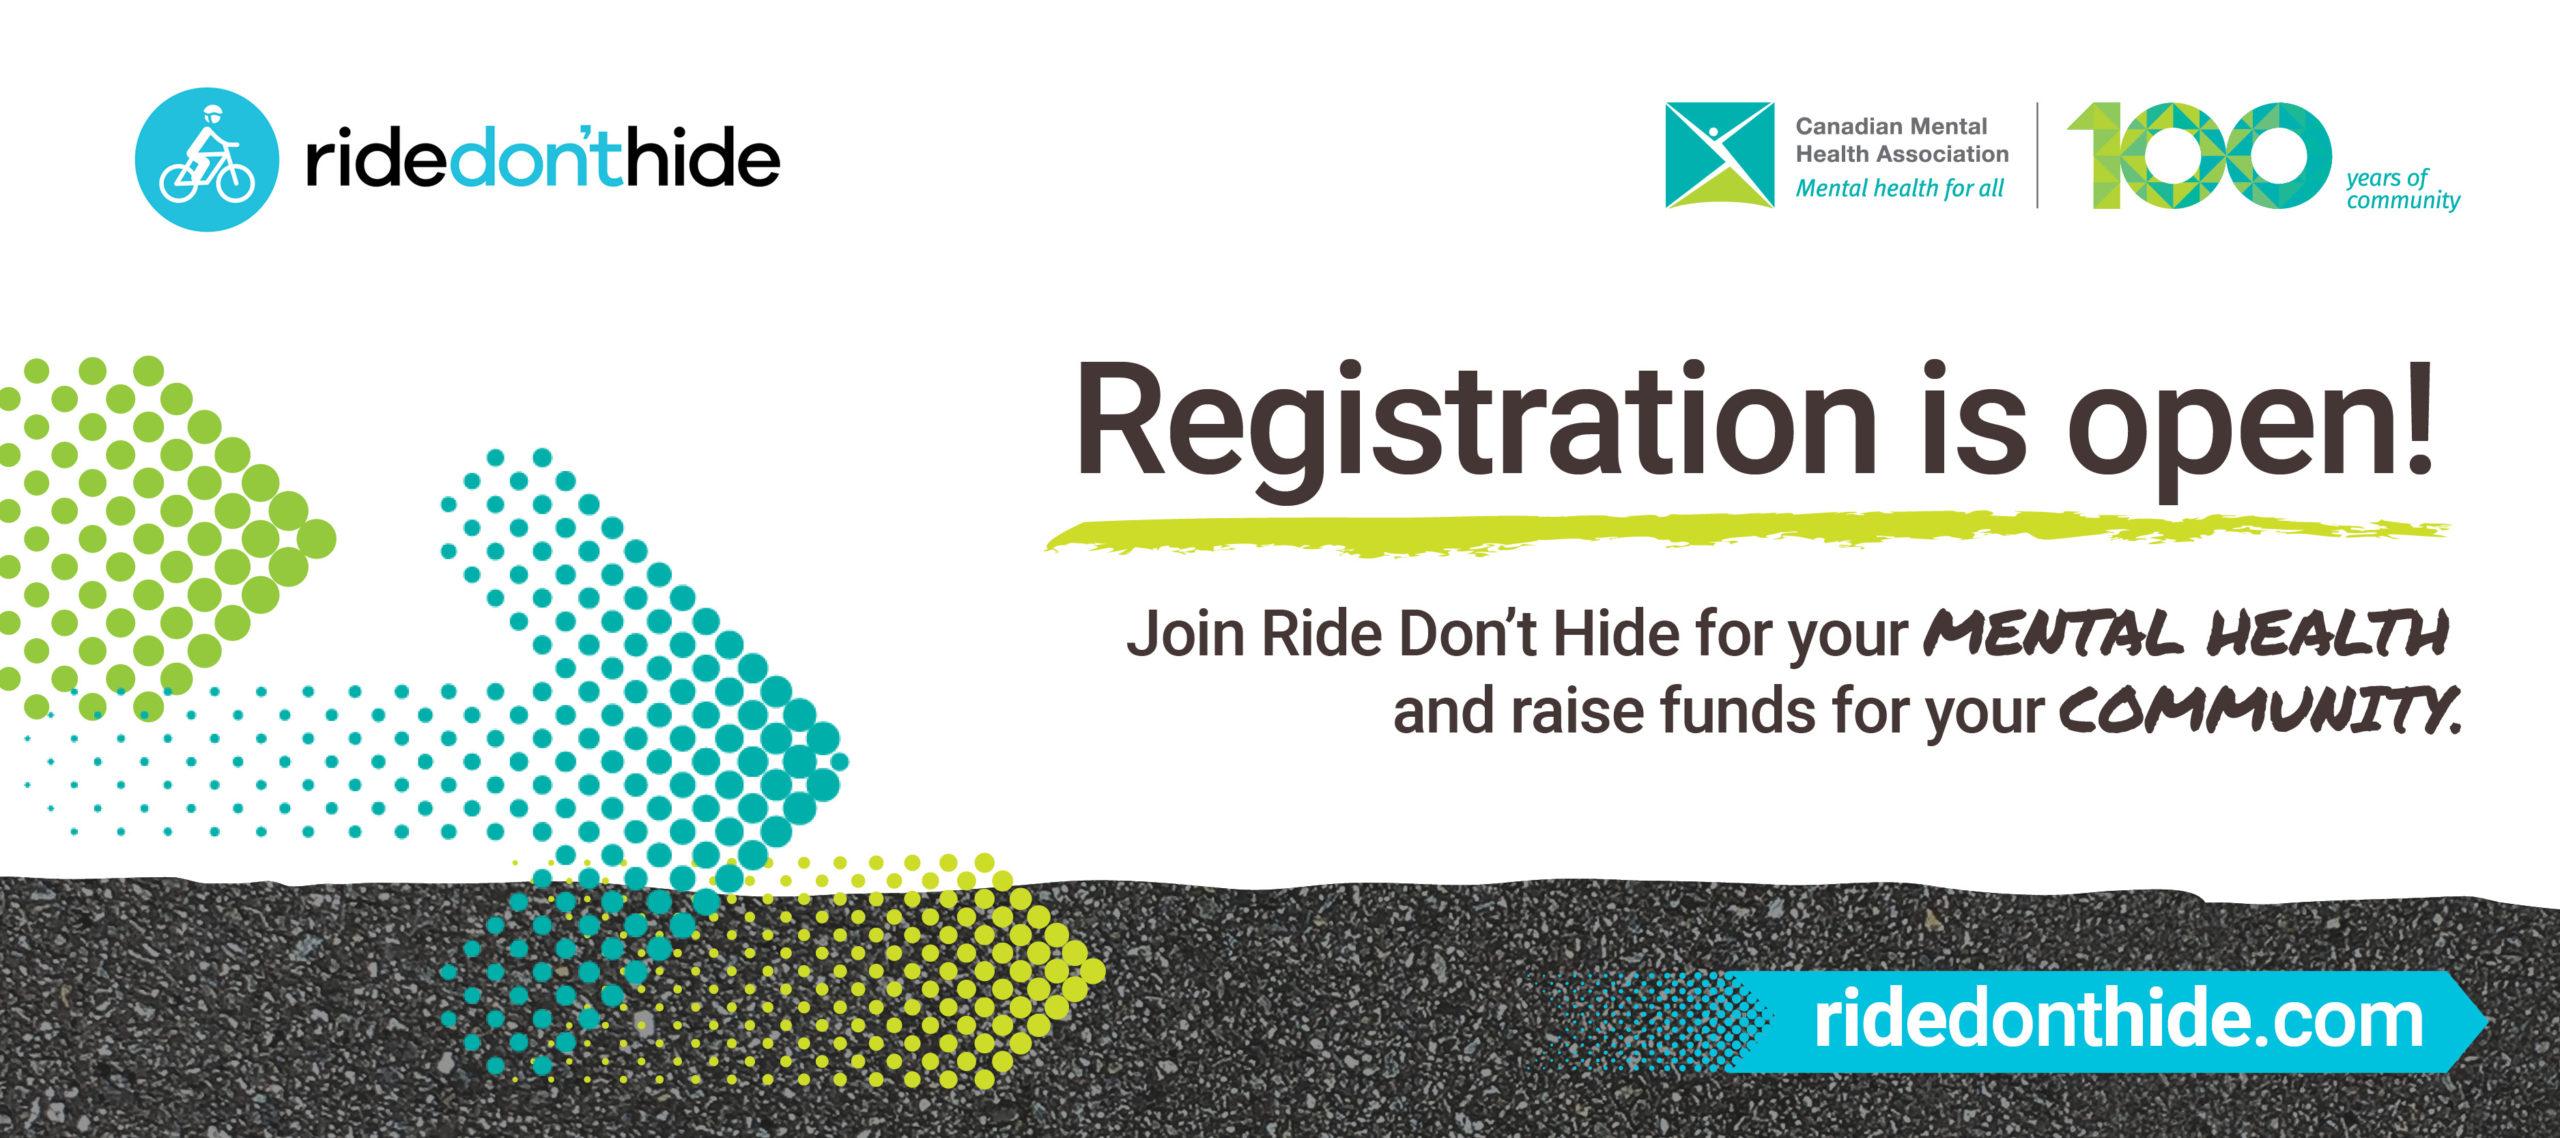 Ride Don't Hide 2021 Registration is Open!